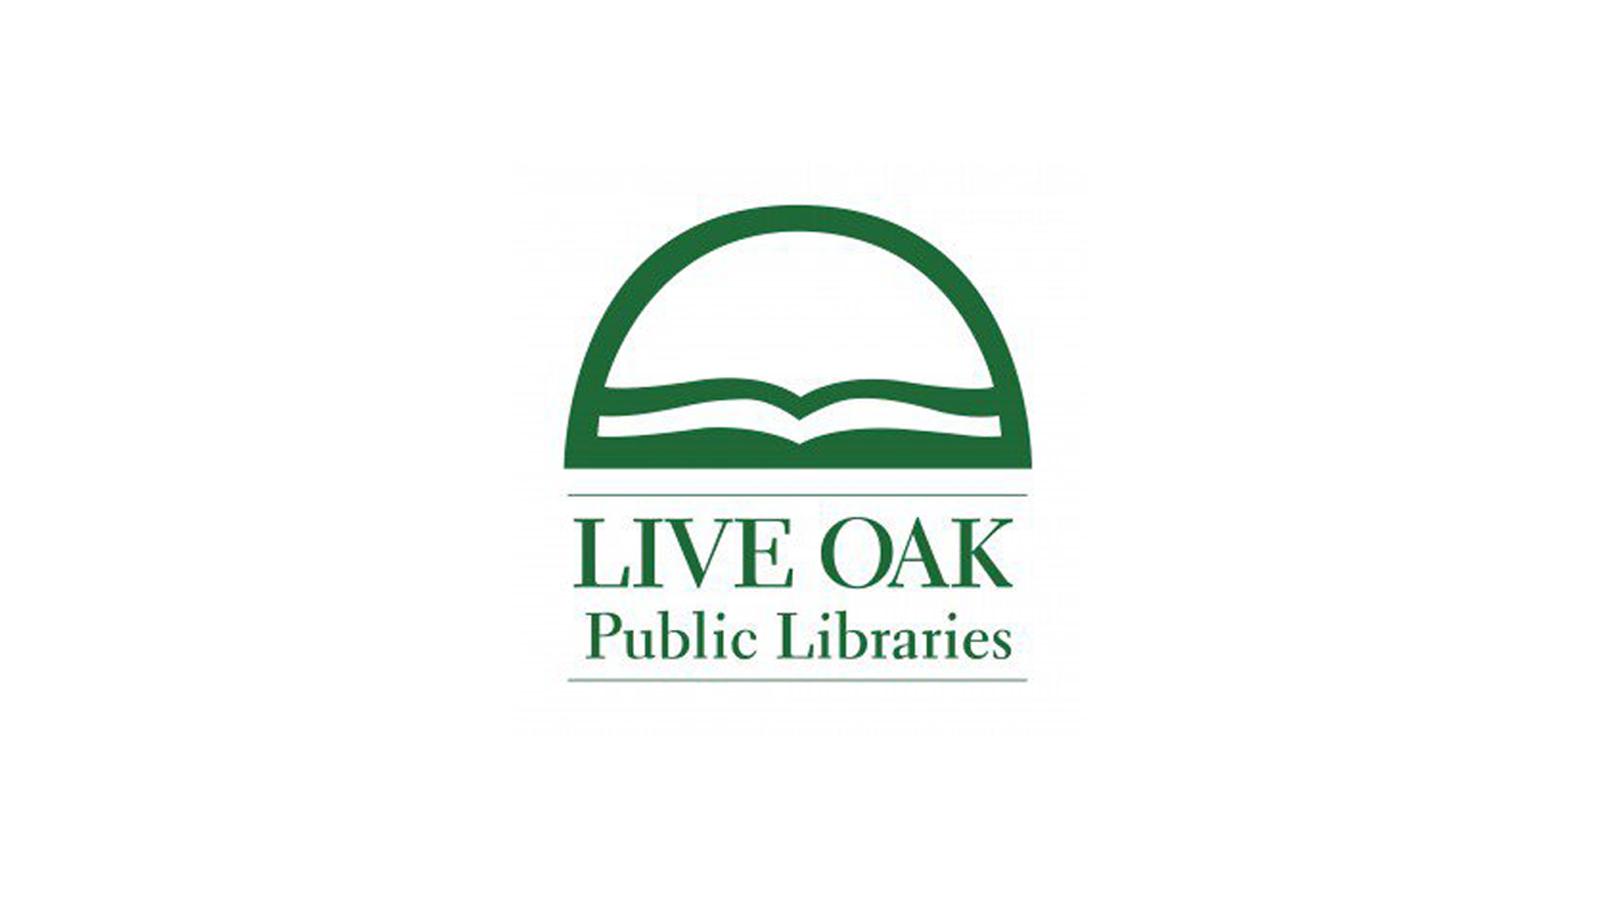 The Live Oak Public Libraries logo.